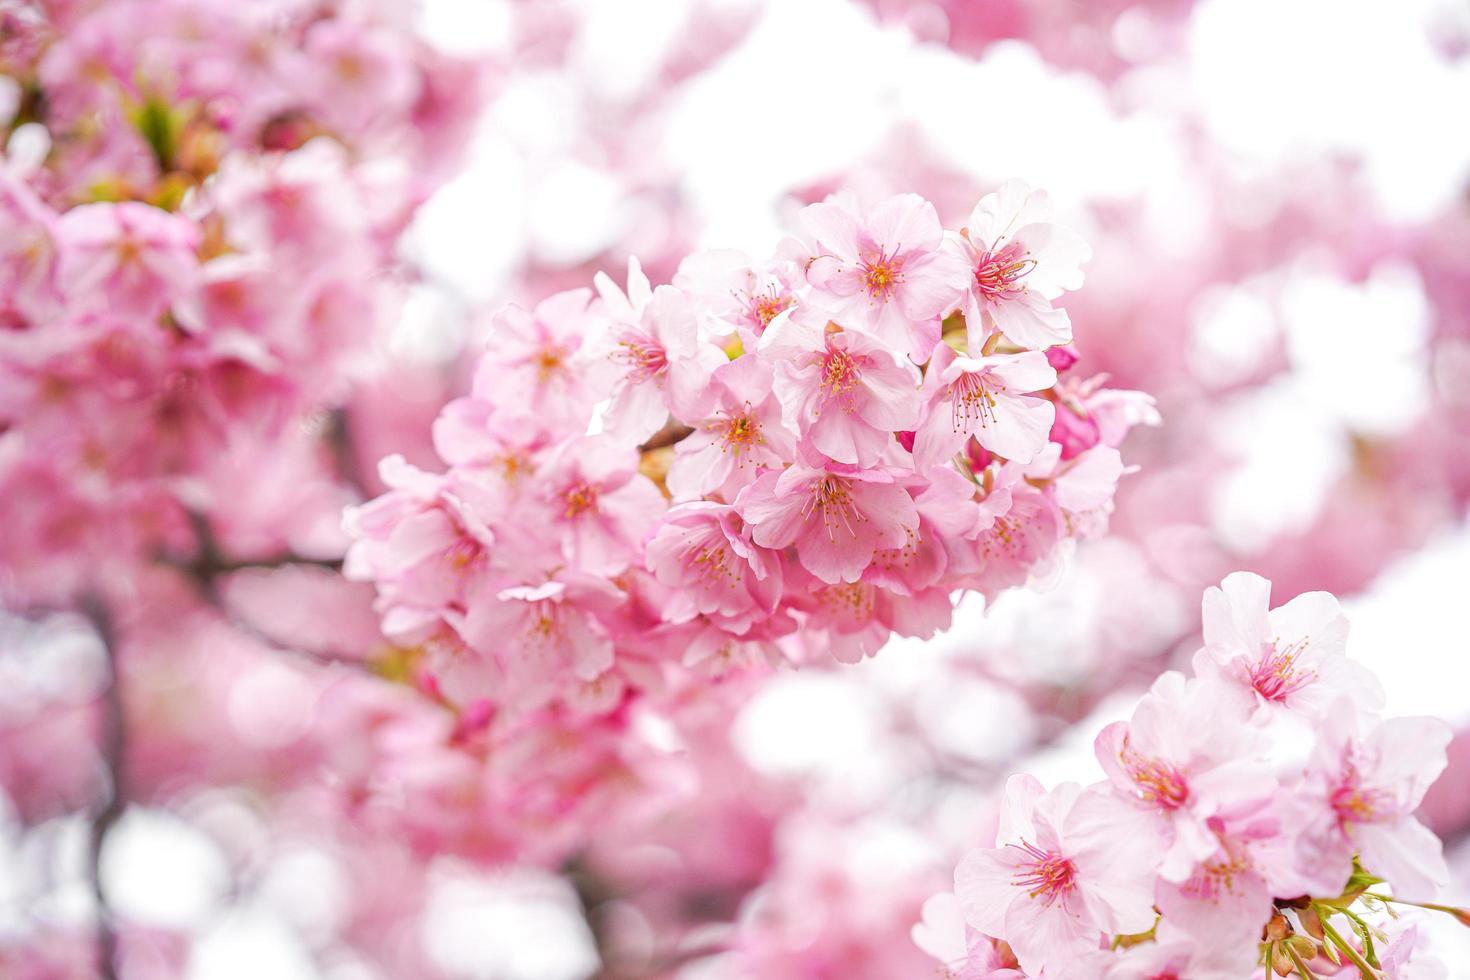 primo piano dei fiori di ciliegia rosa foto